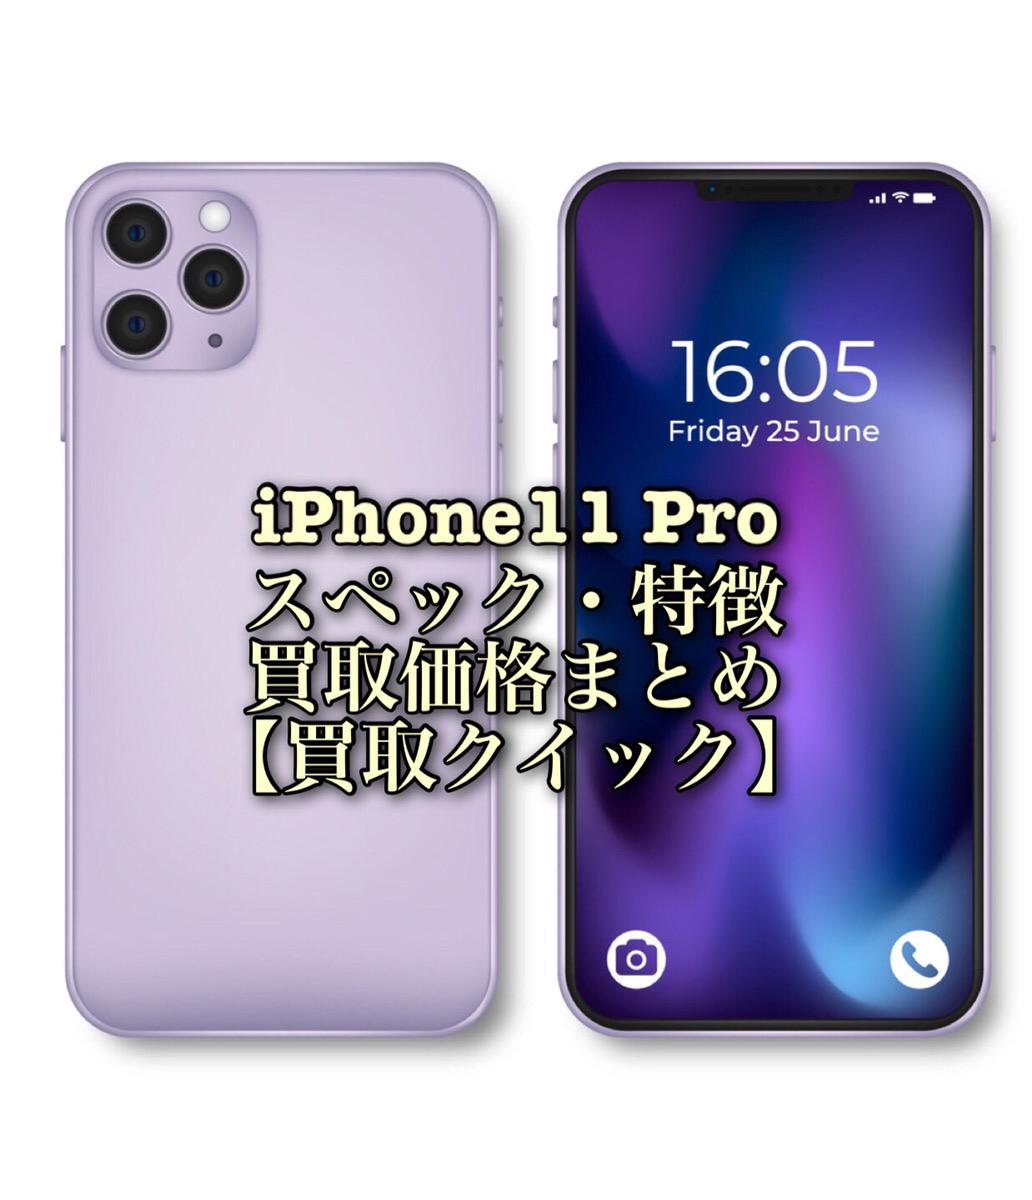 iPhone11 Proのスペックや特徴、買取価格まとめ【買取クイック】